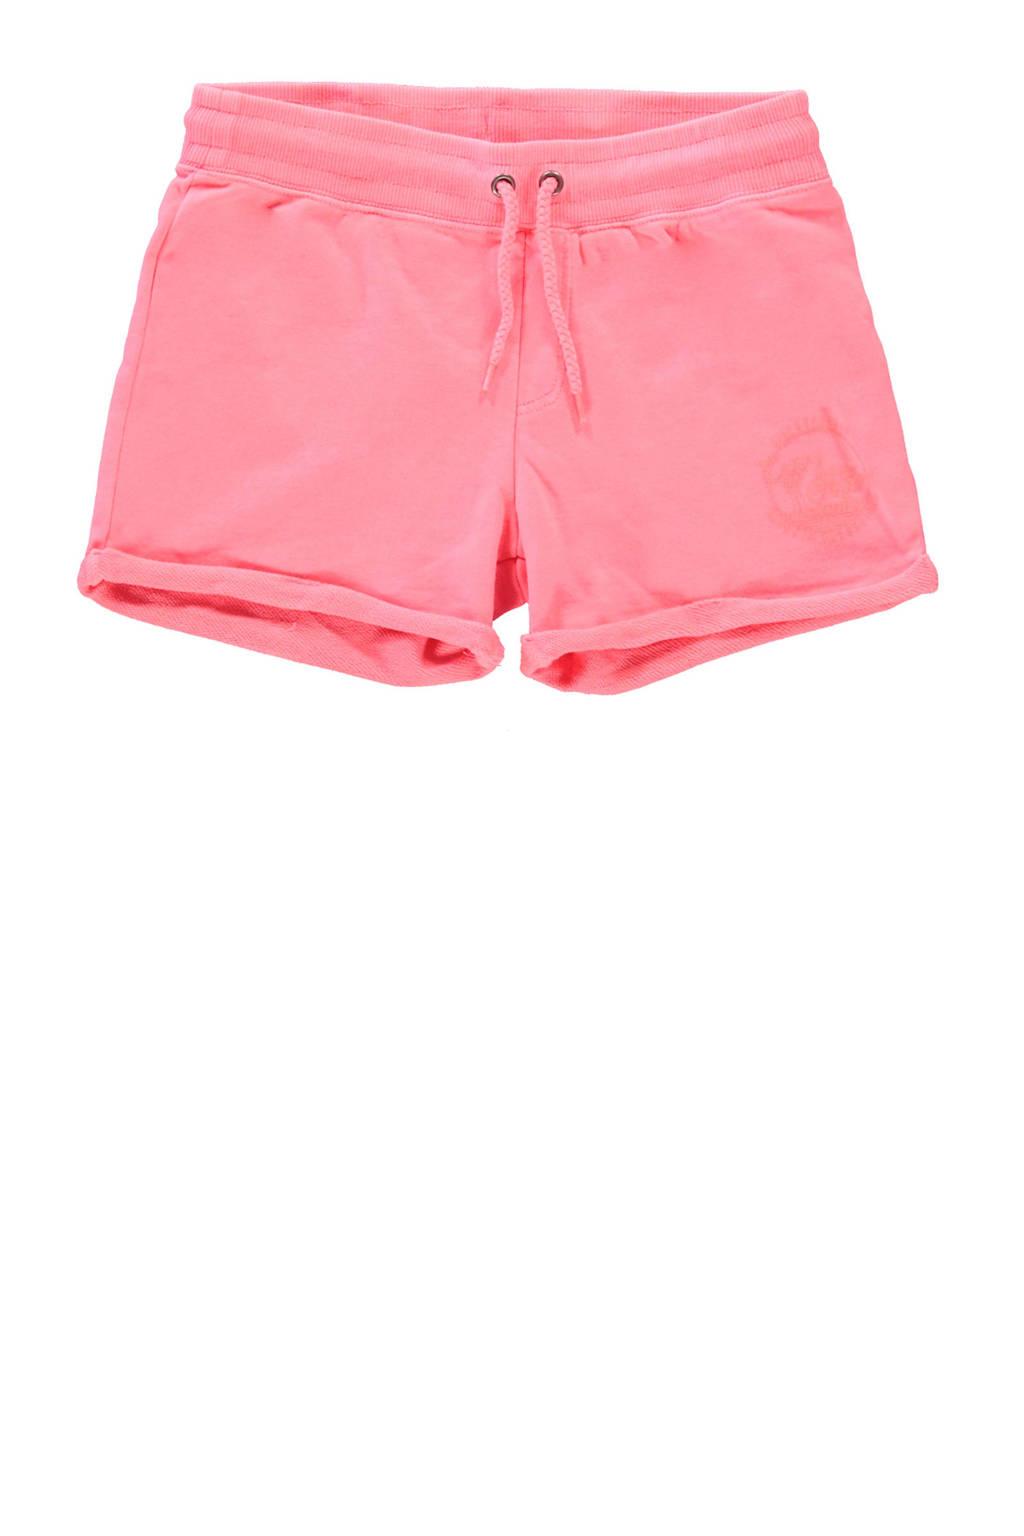 Cars regular fit sweatshort Milty neon roze, Neon roze